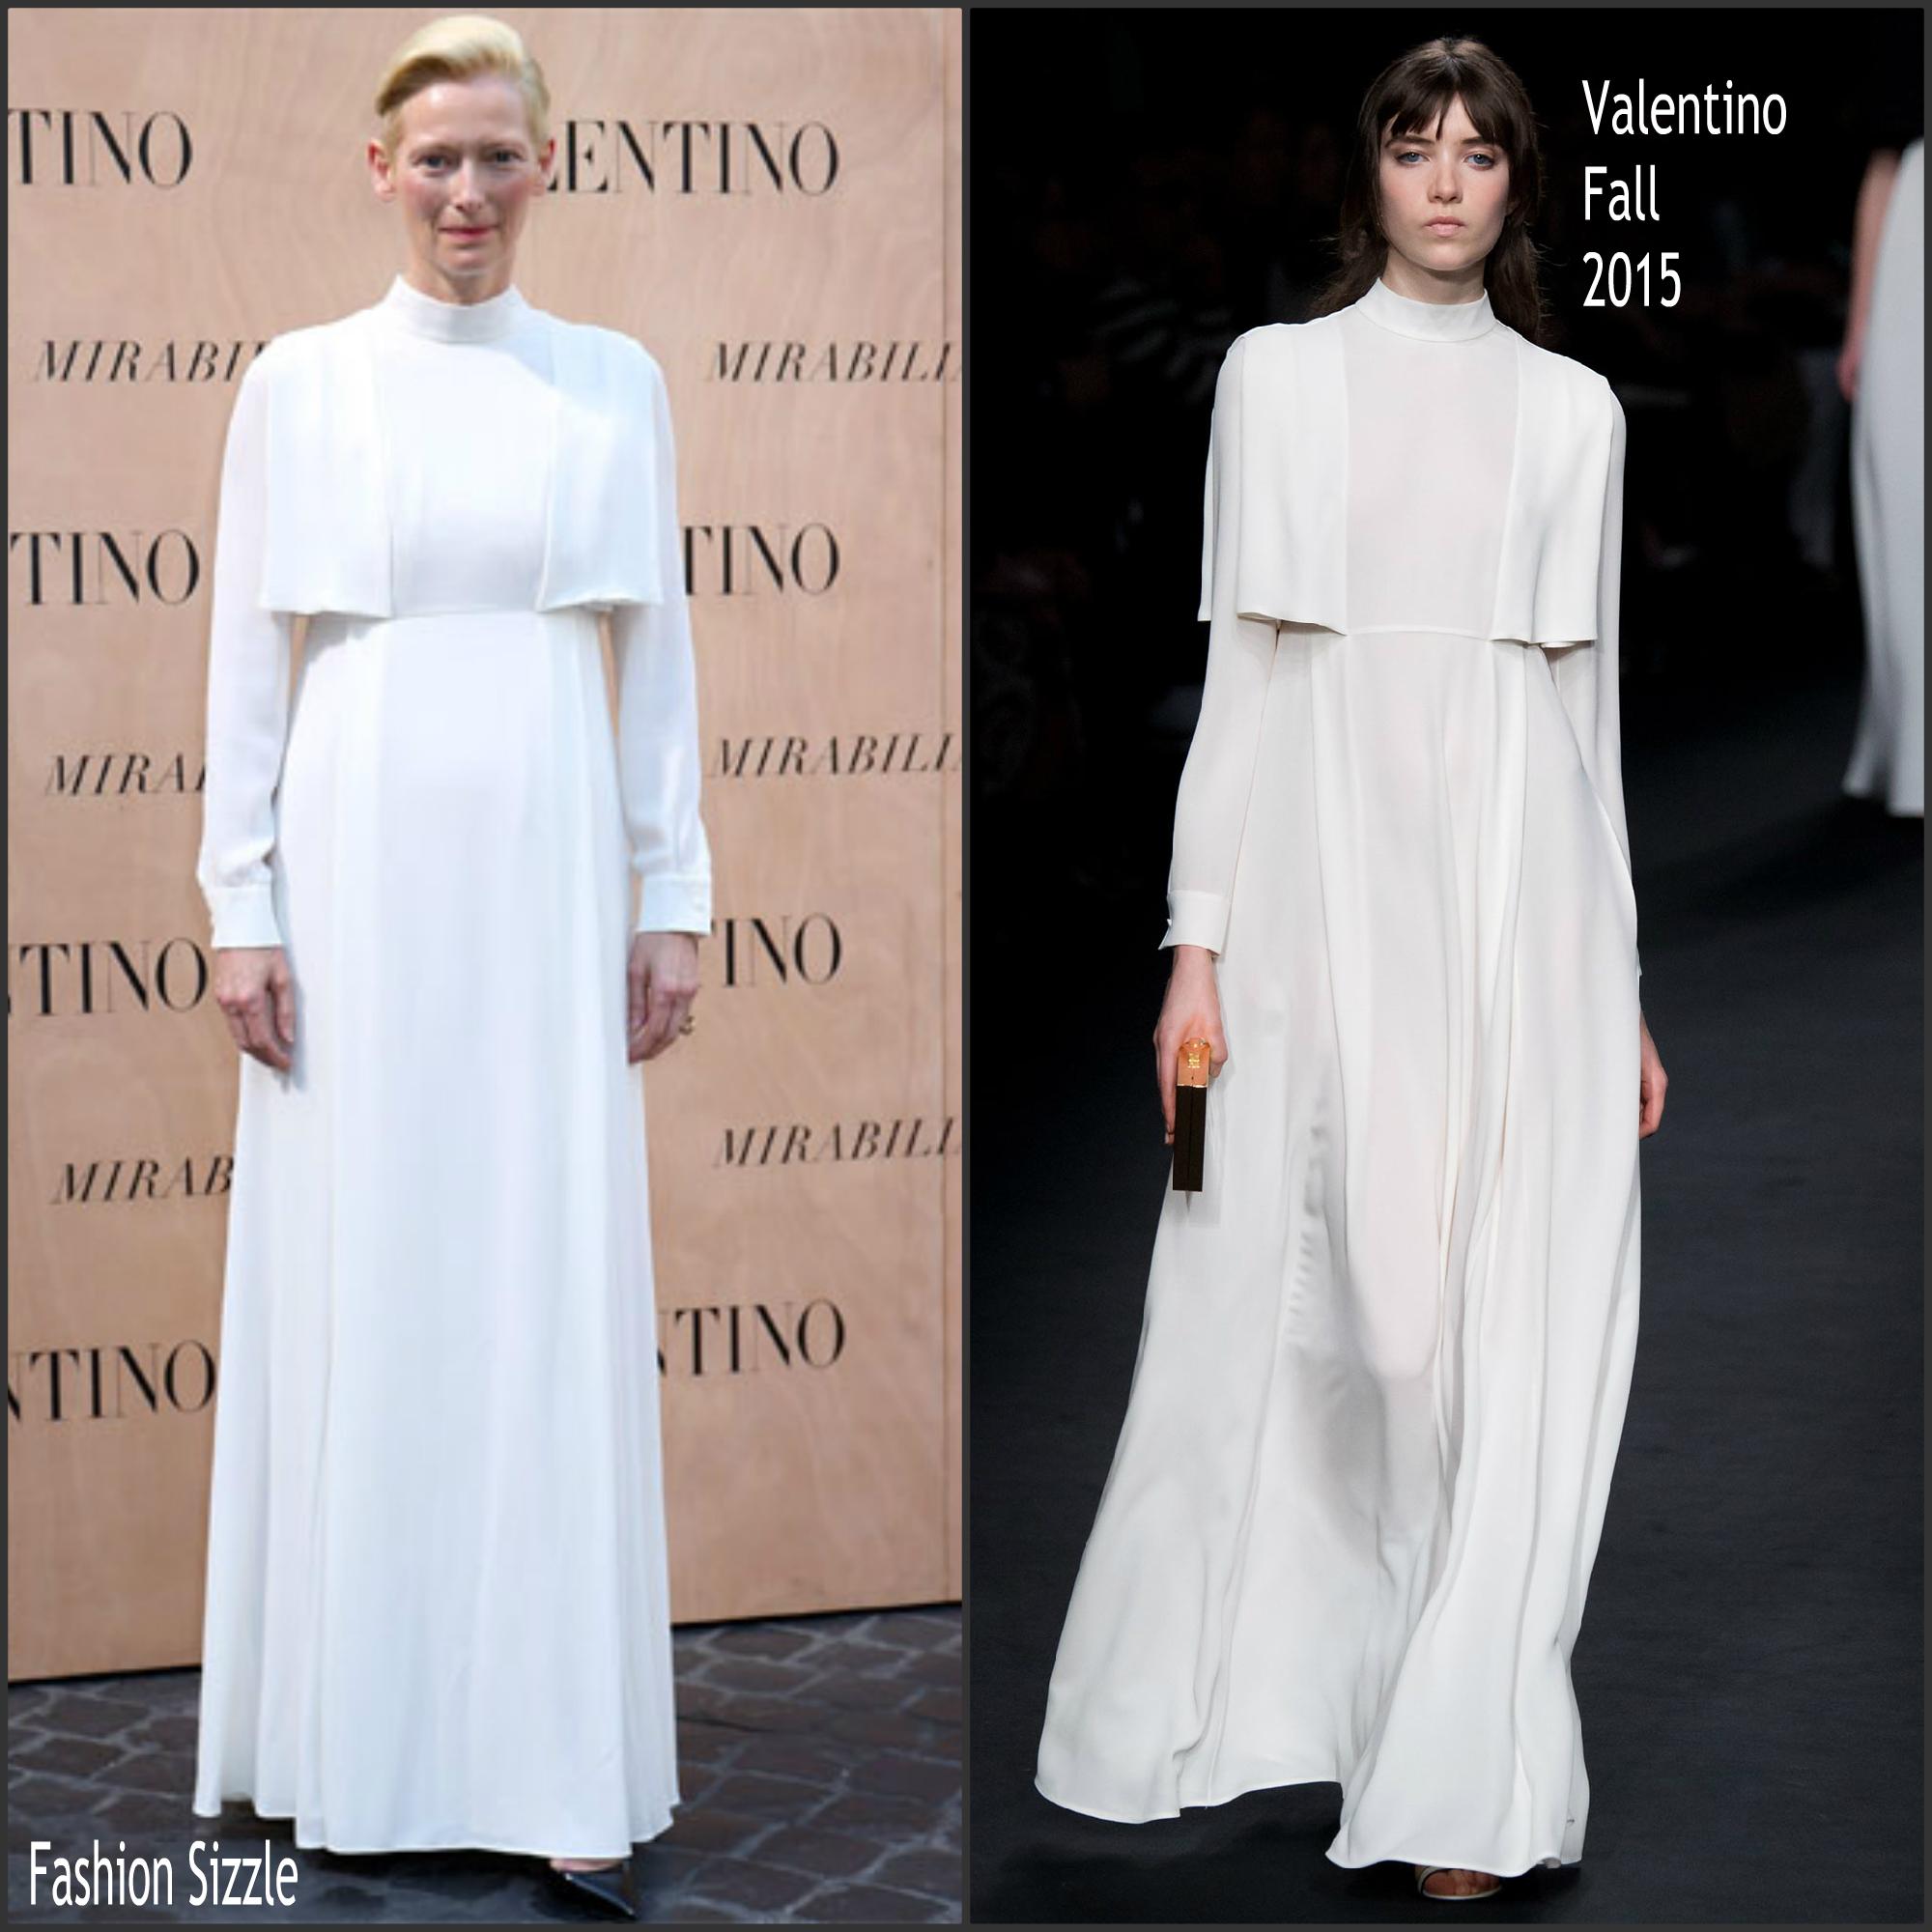 tilda-swinton-in-valentino-at-valentino-mirabilia-romae-haute-couture-fall-2015-front-row